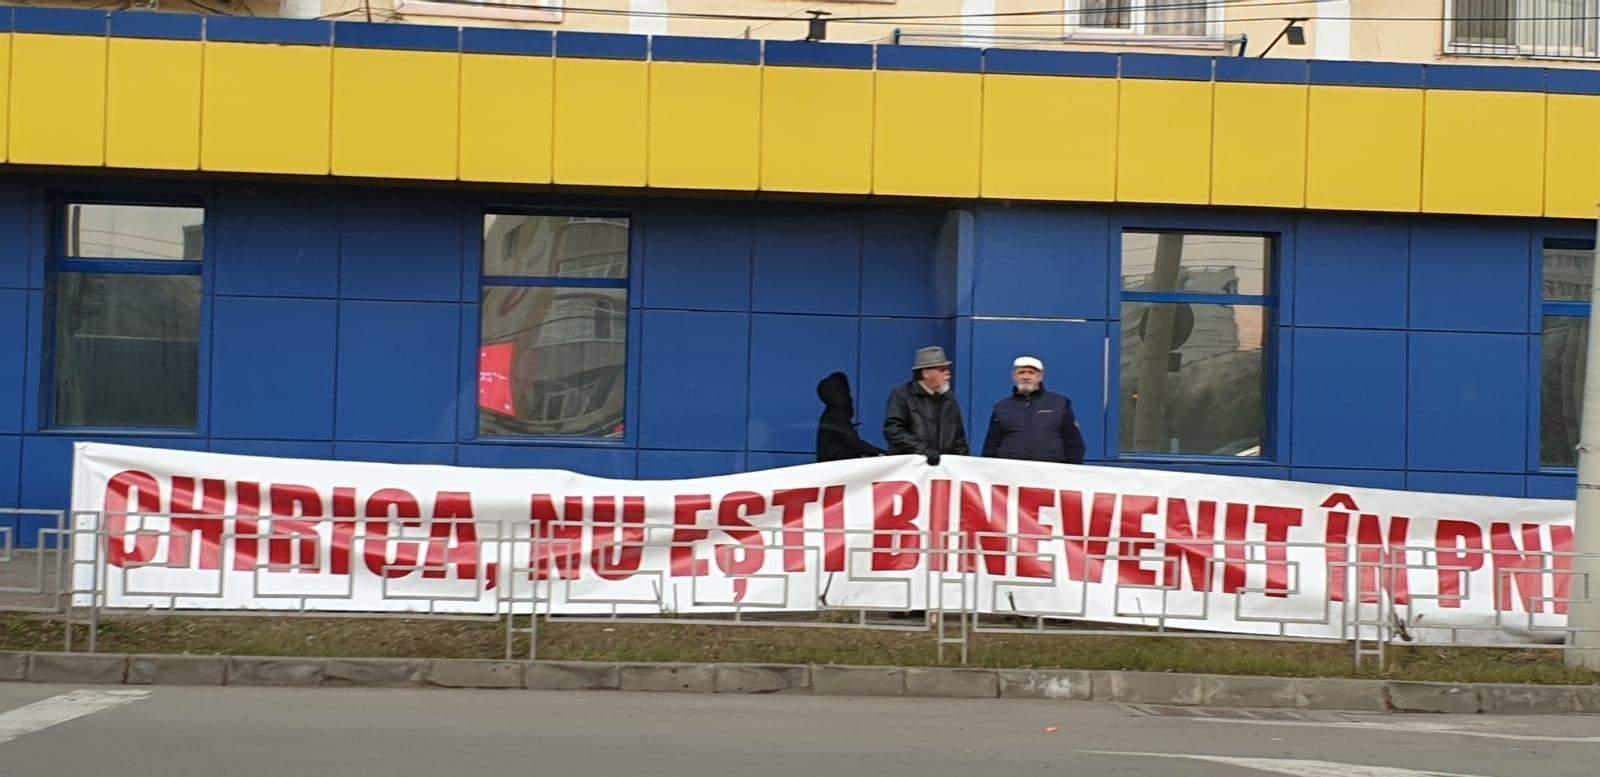 Mihai Chirică agită apele în PNL. Banner împotriva primarului din Iași afișat de liberalii din Moldova